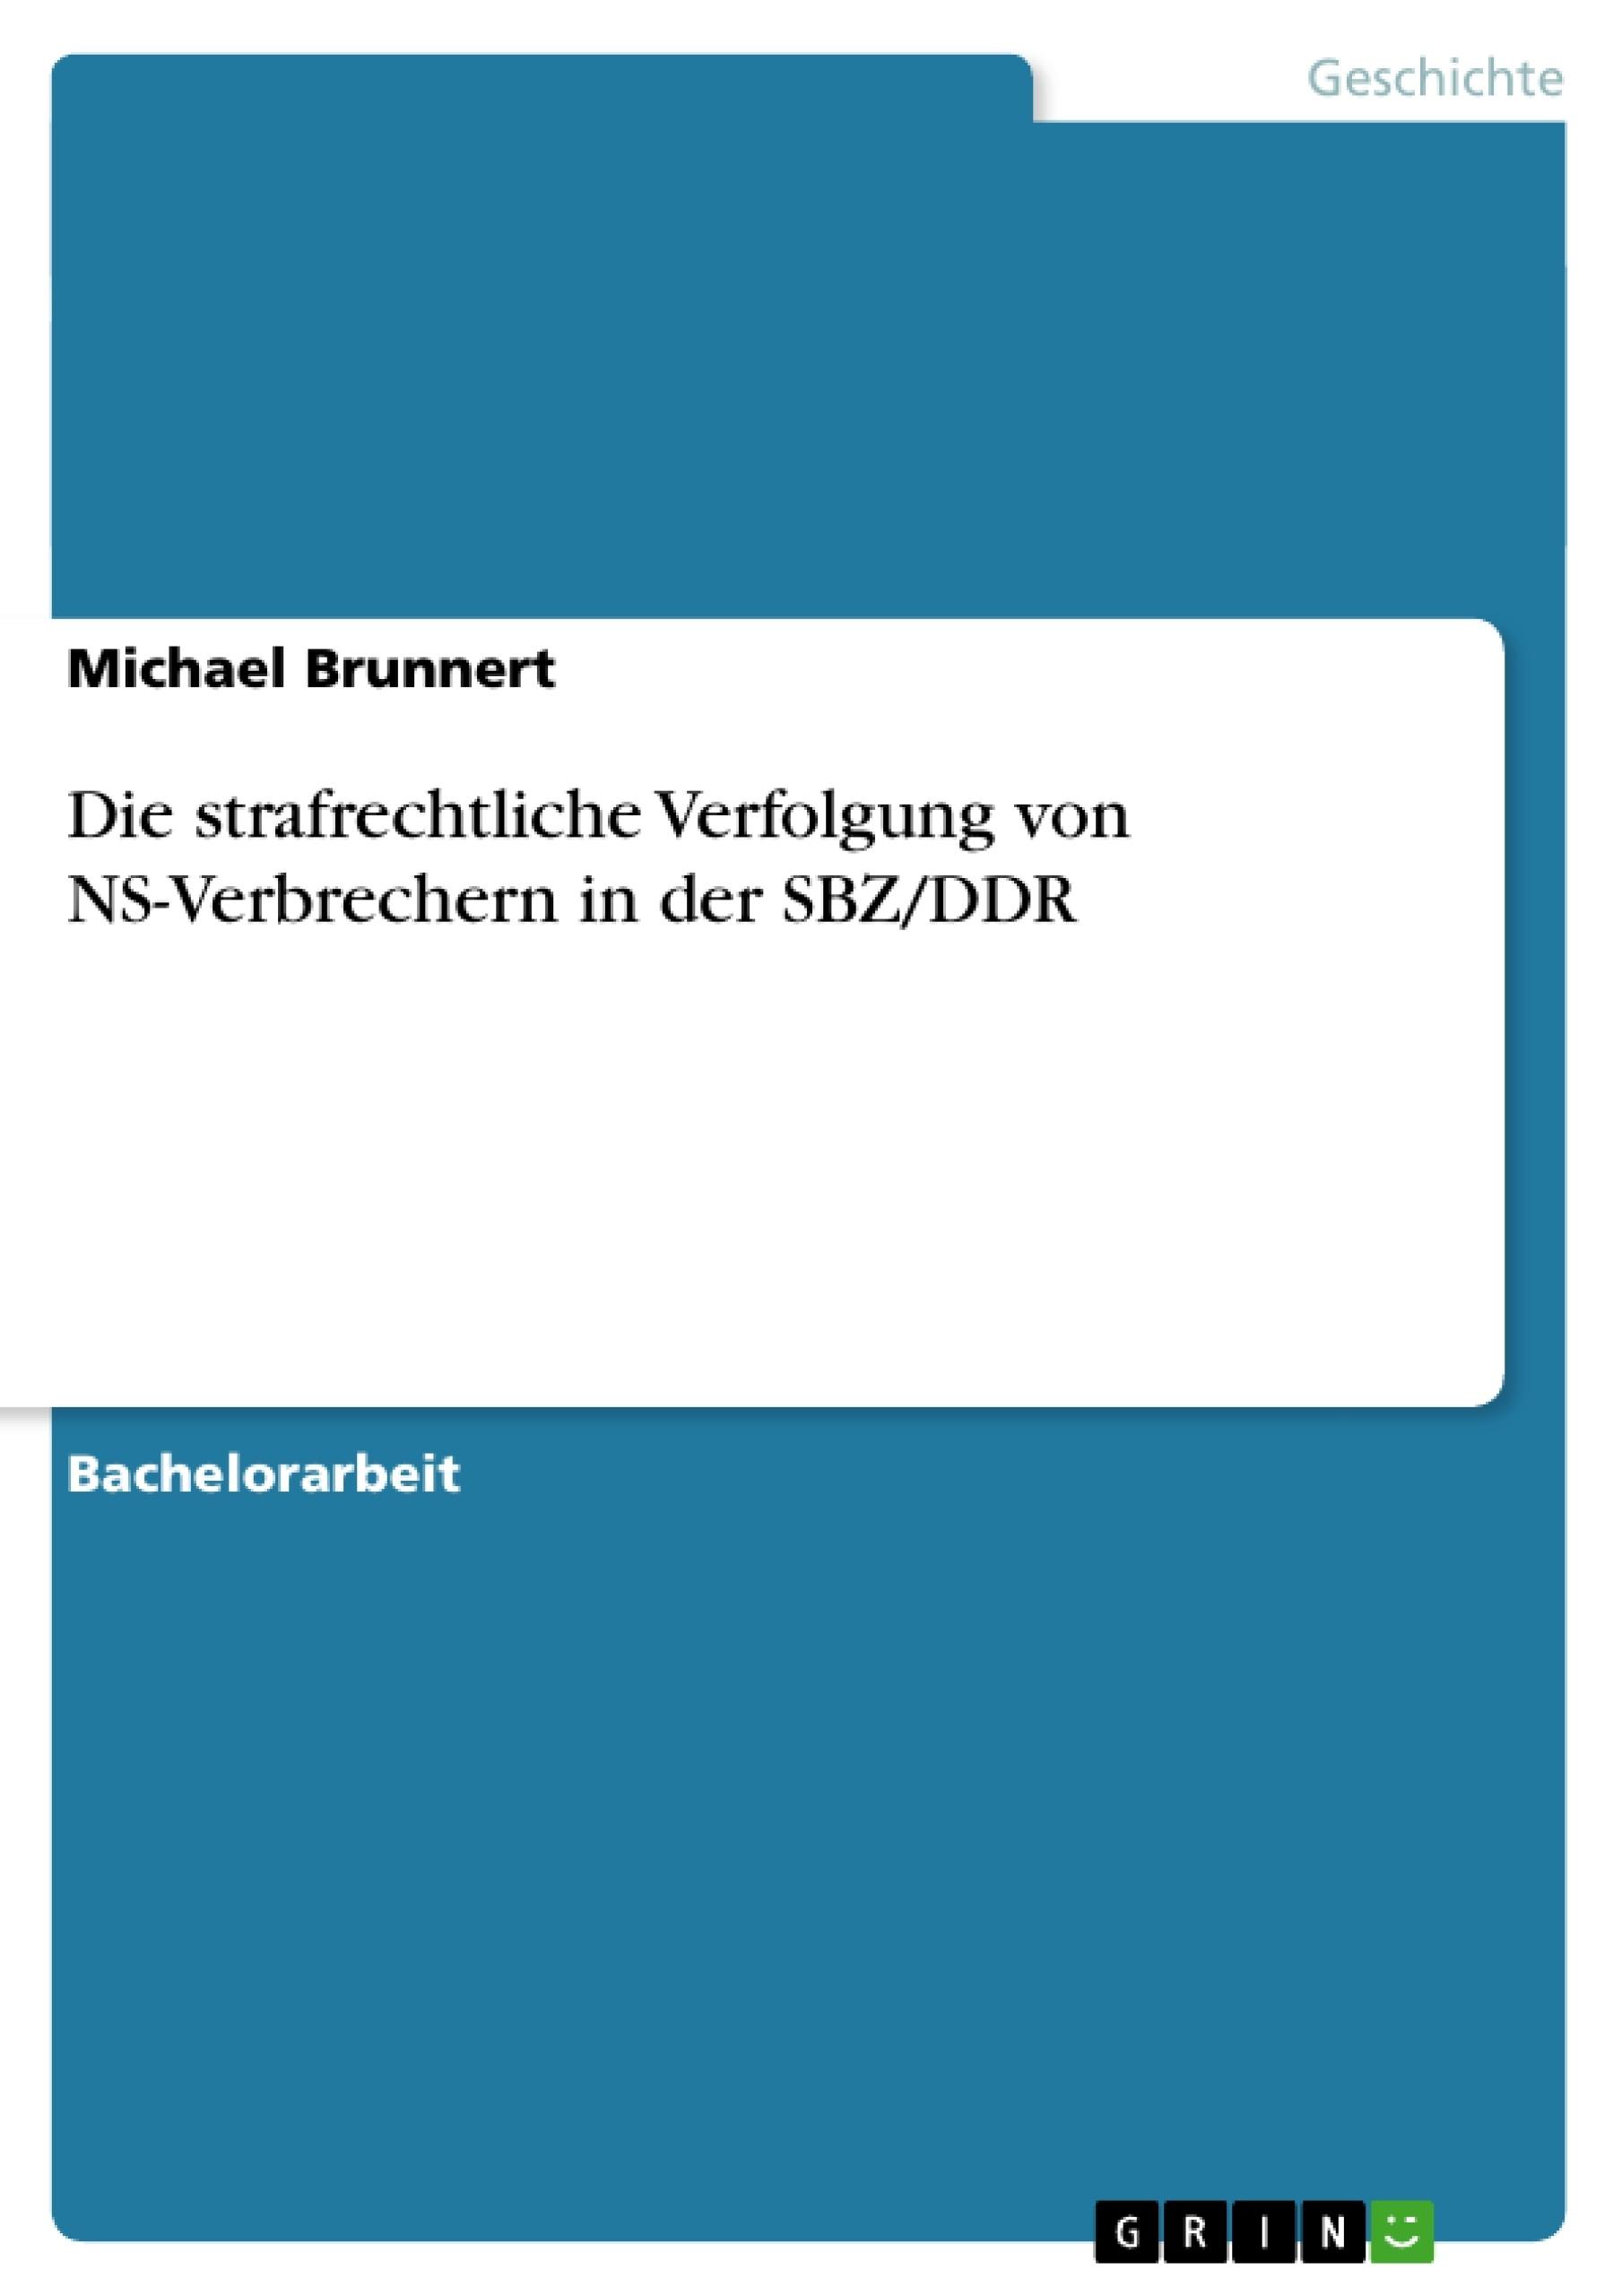 Titel: Die strafrechtliche Verfolgung von NS-Verbrechern in der SBZ/DDR